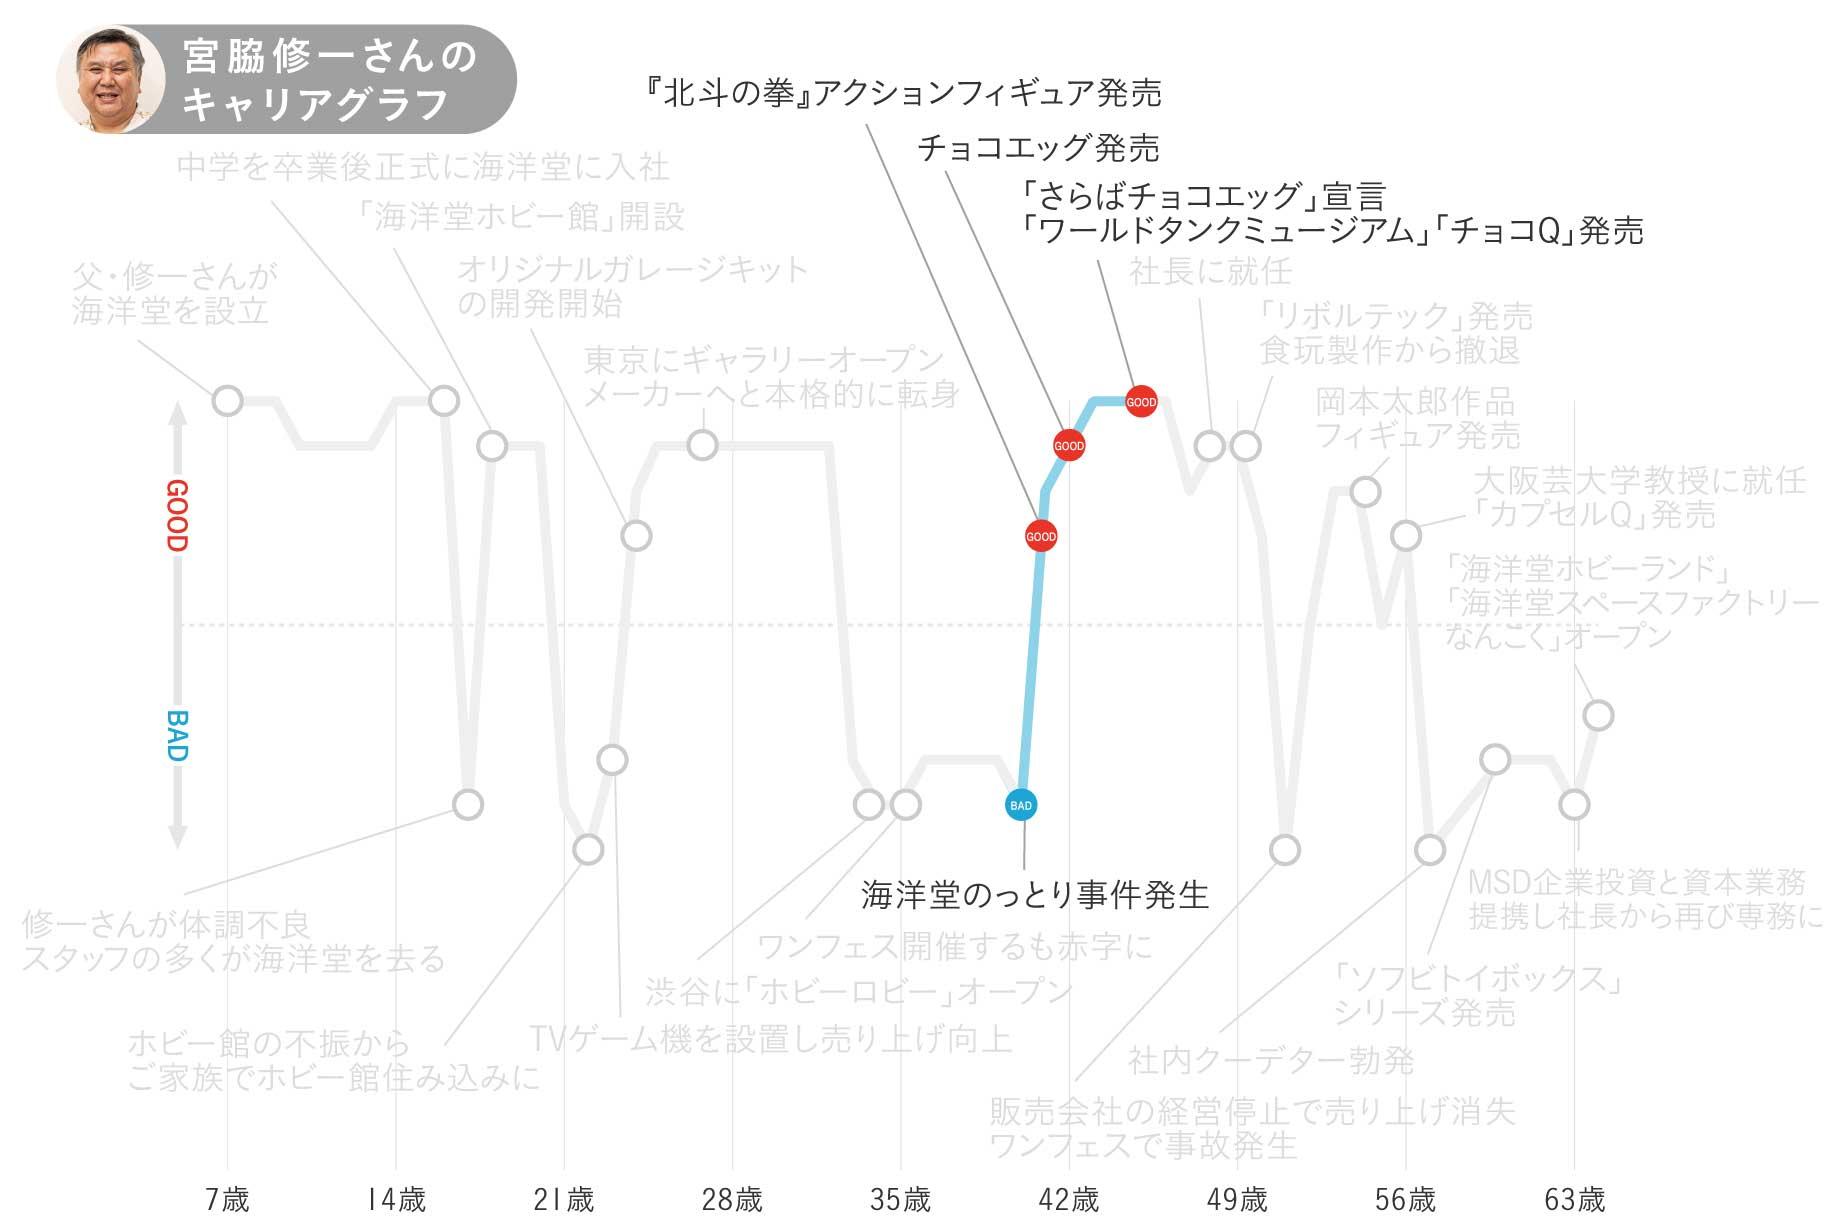 海洋堂・宮脇修一さんのキャリアグラフ3